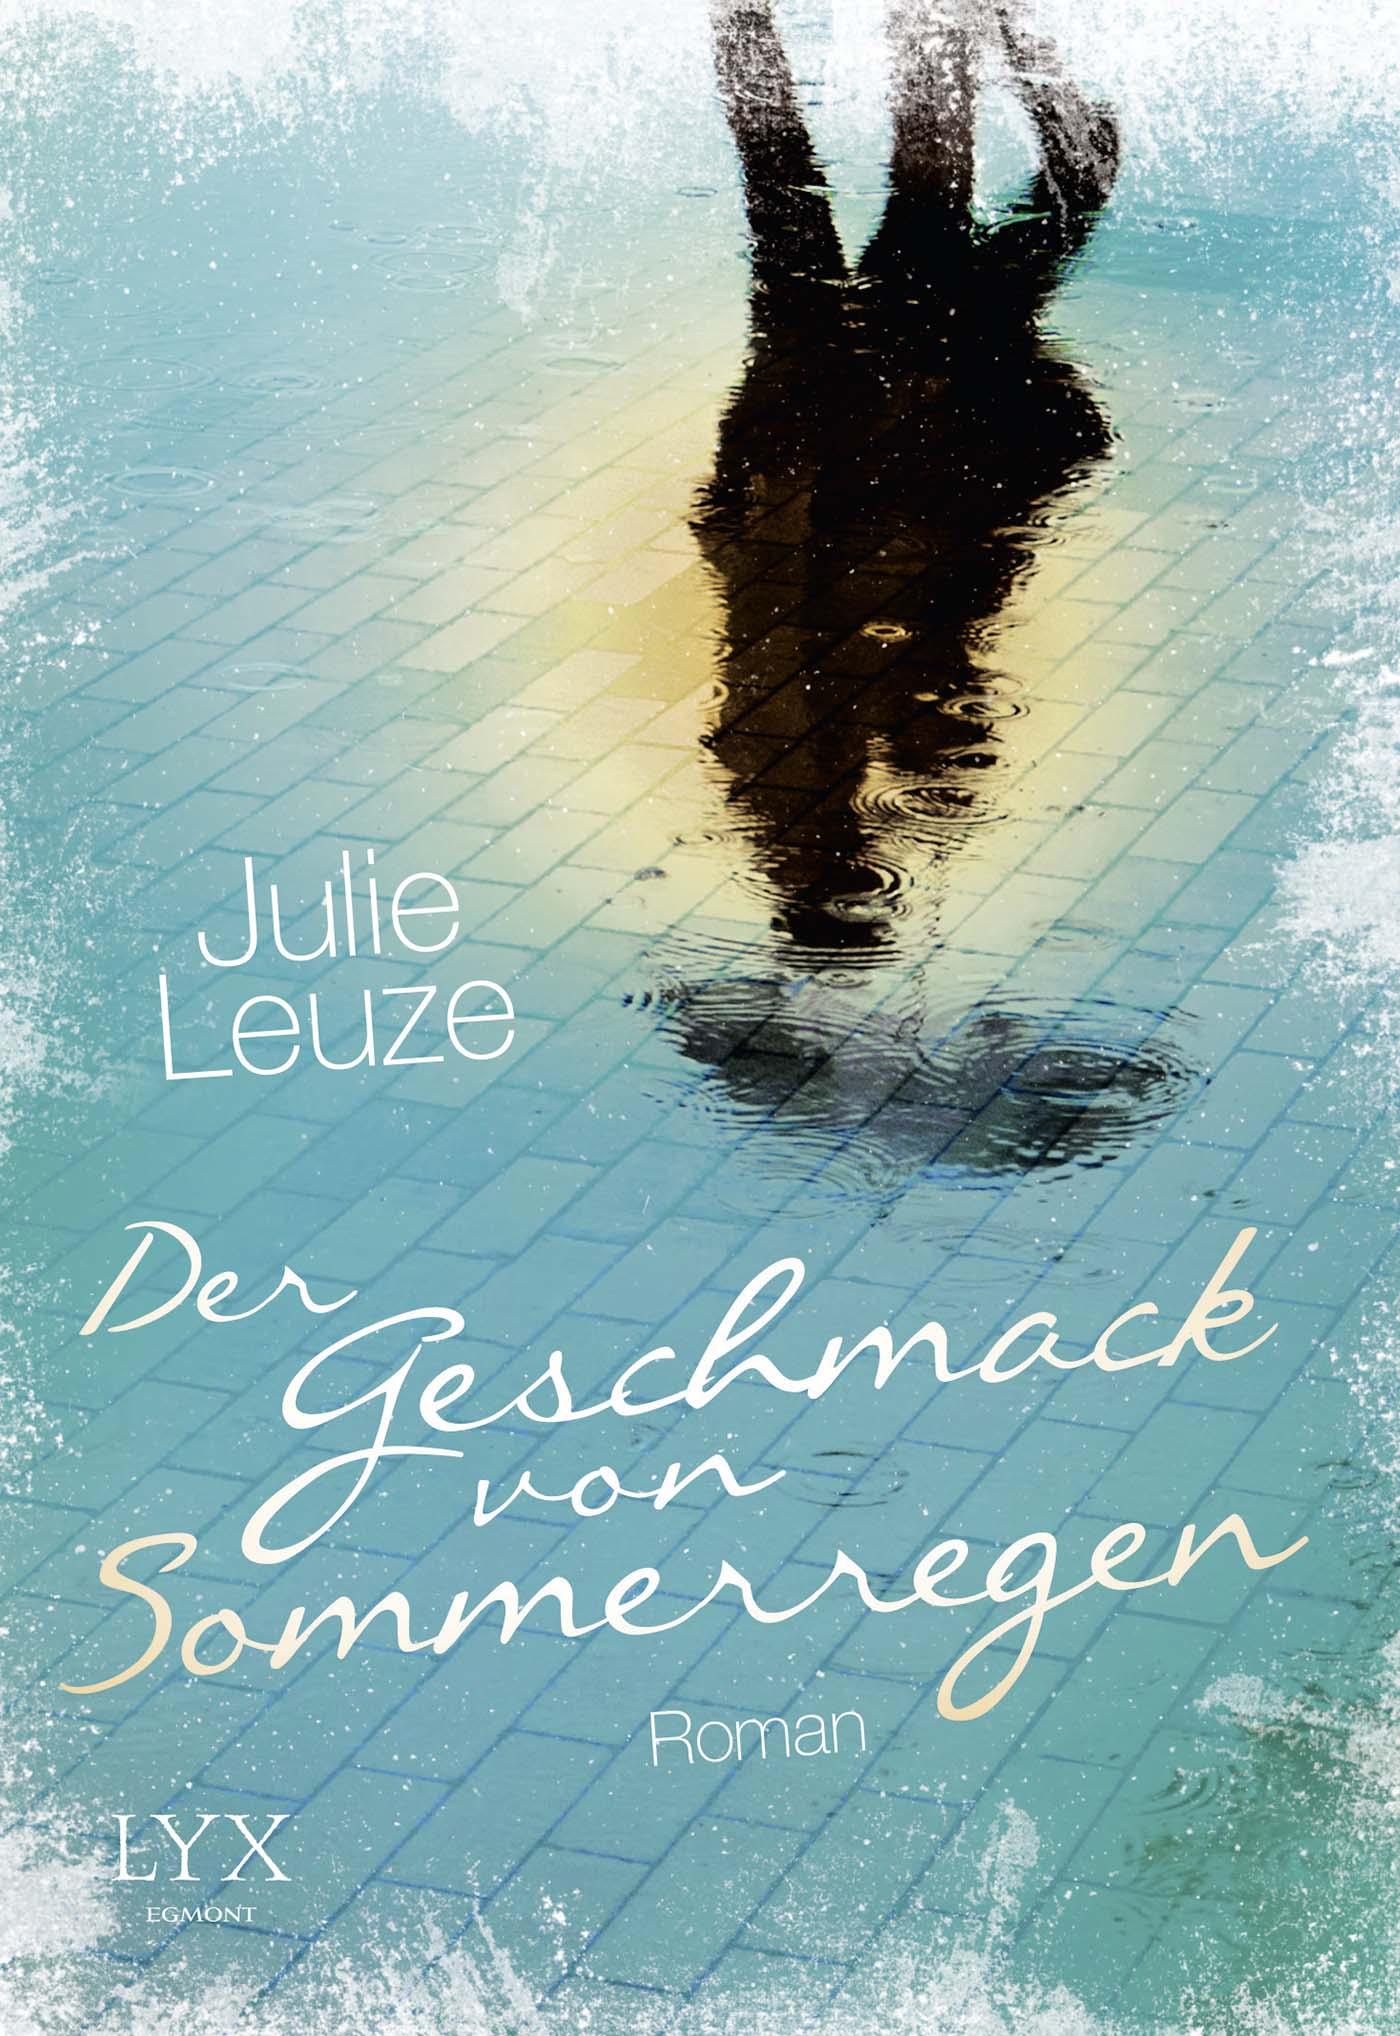 Der Geschmack von Sommerregen (Julie Leuze)